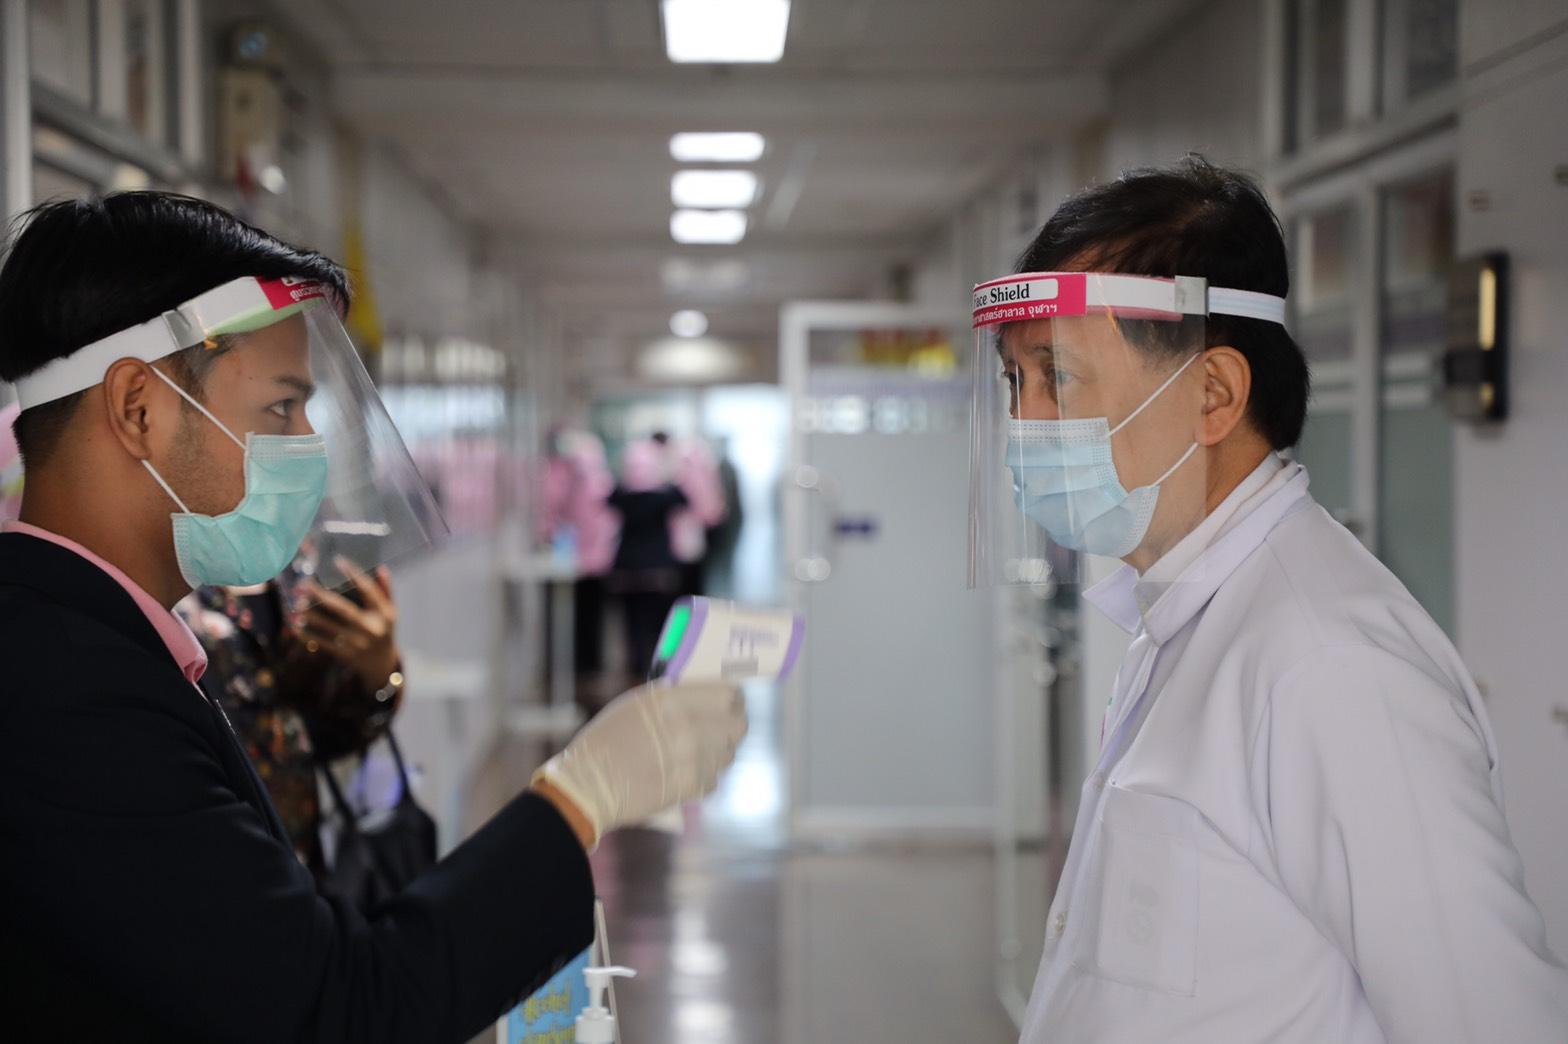 ศูนย์วิทยาศาสตร์ฮาลาลฯร่วมต้าน COVID-19 มอบเจล-แอลกอฮอล์ให้โรงพยาบาลชายแดนใต้